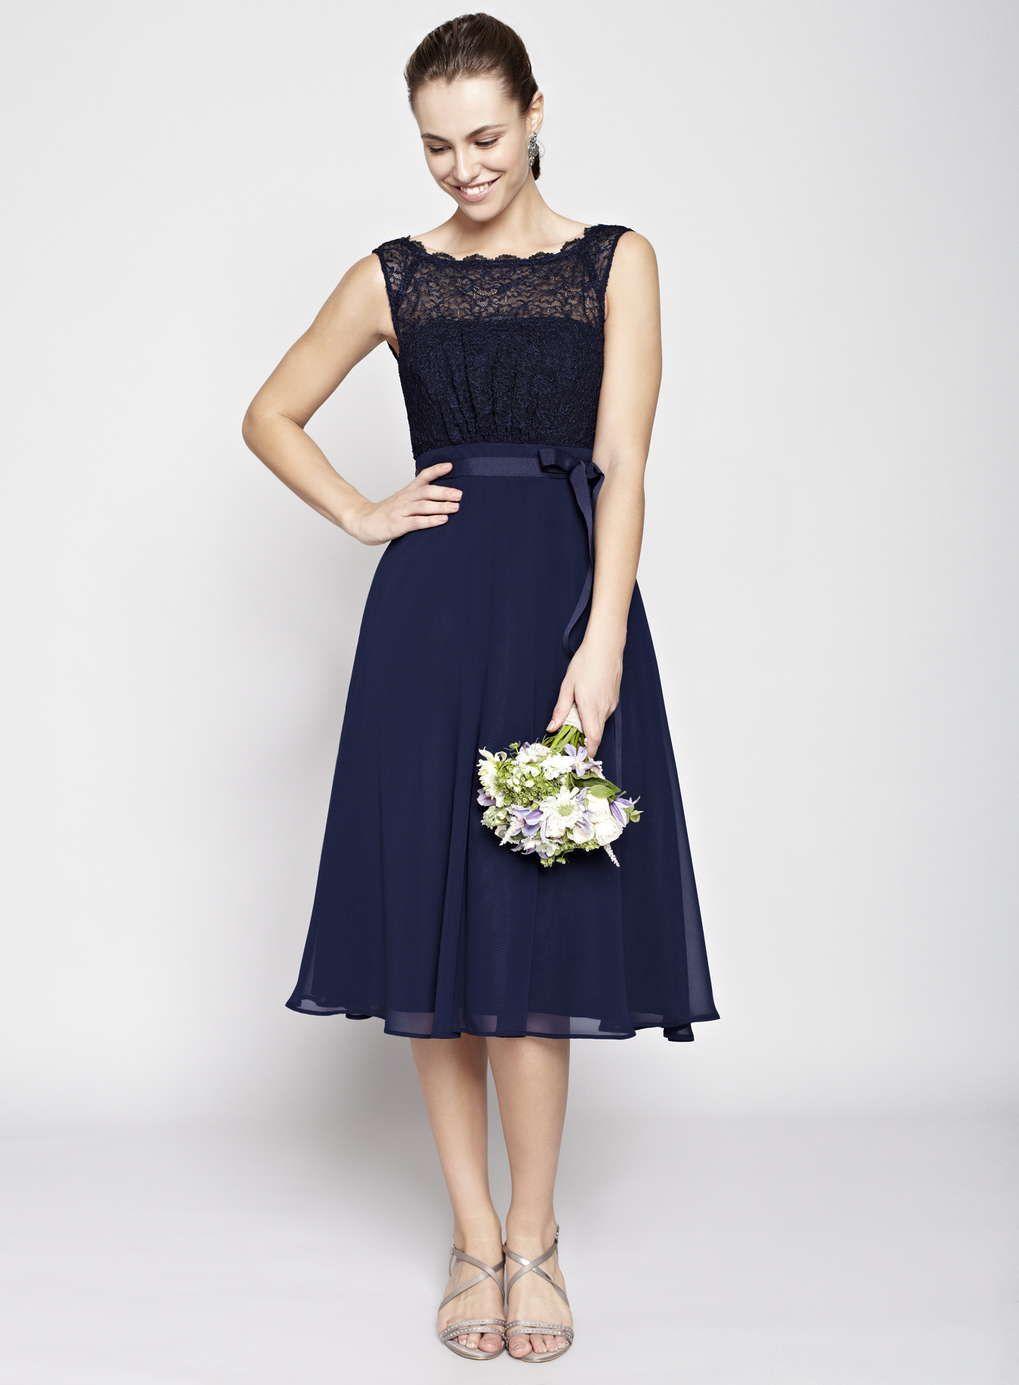 Navy chloe bridesmaid dress bridesmaid pinterest bsqueda navy chloe bridesmaid dress ombrellifo Image collections